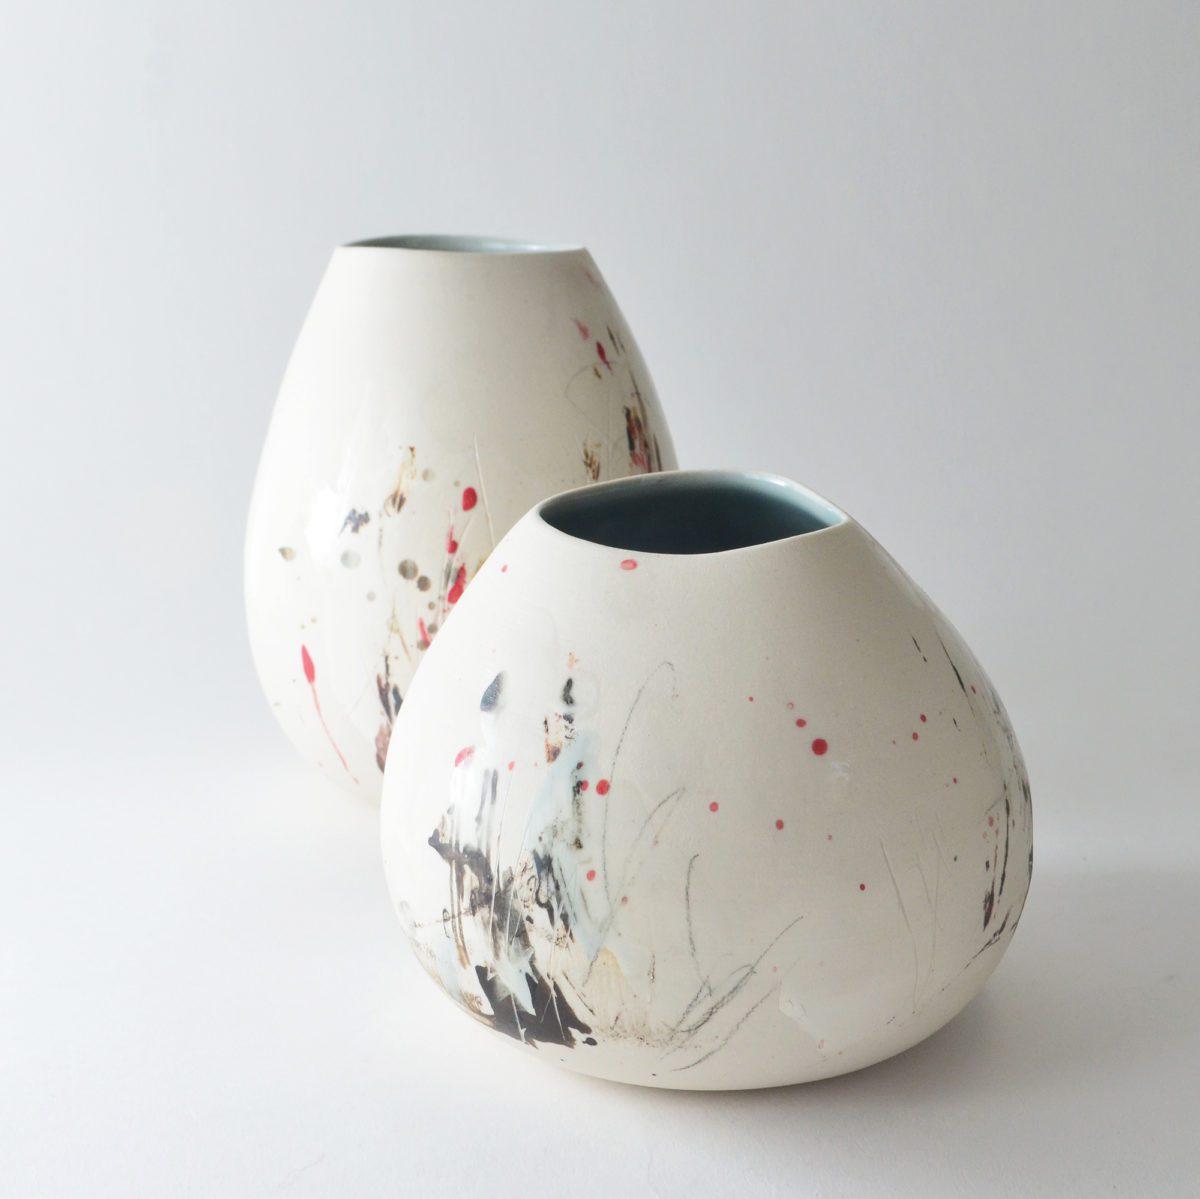 Studio Joo Altered short vase ceramic entertaining indulge in the pursuit